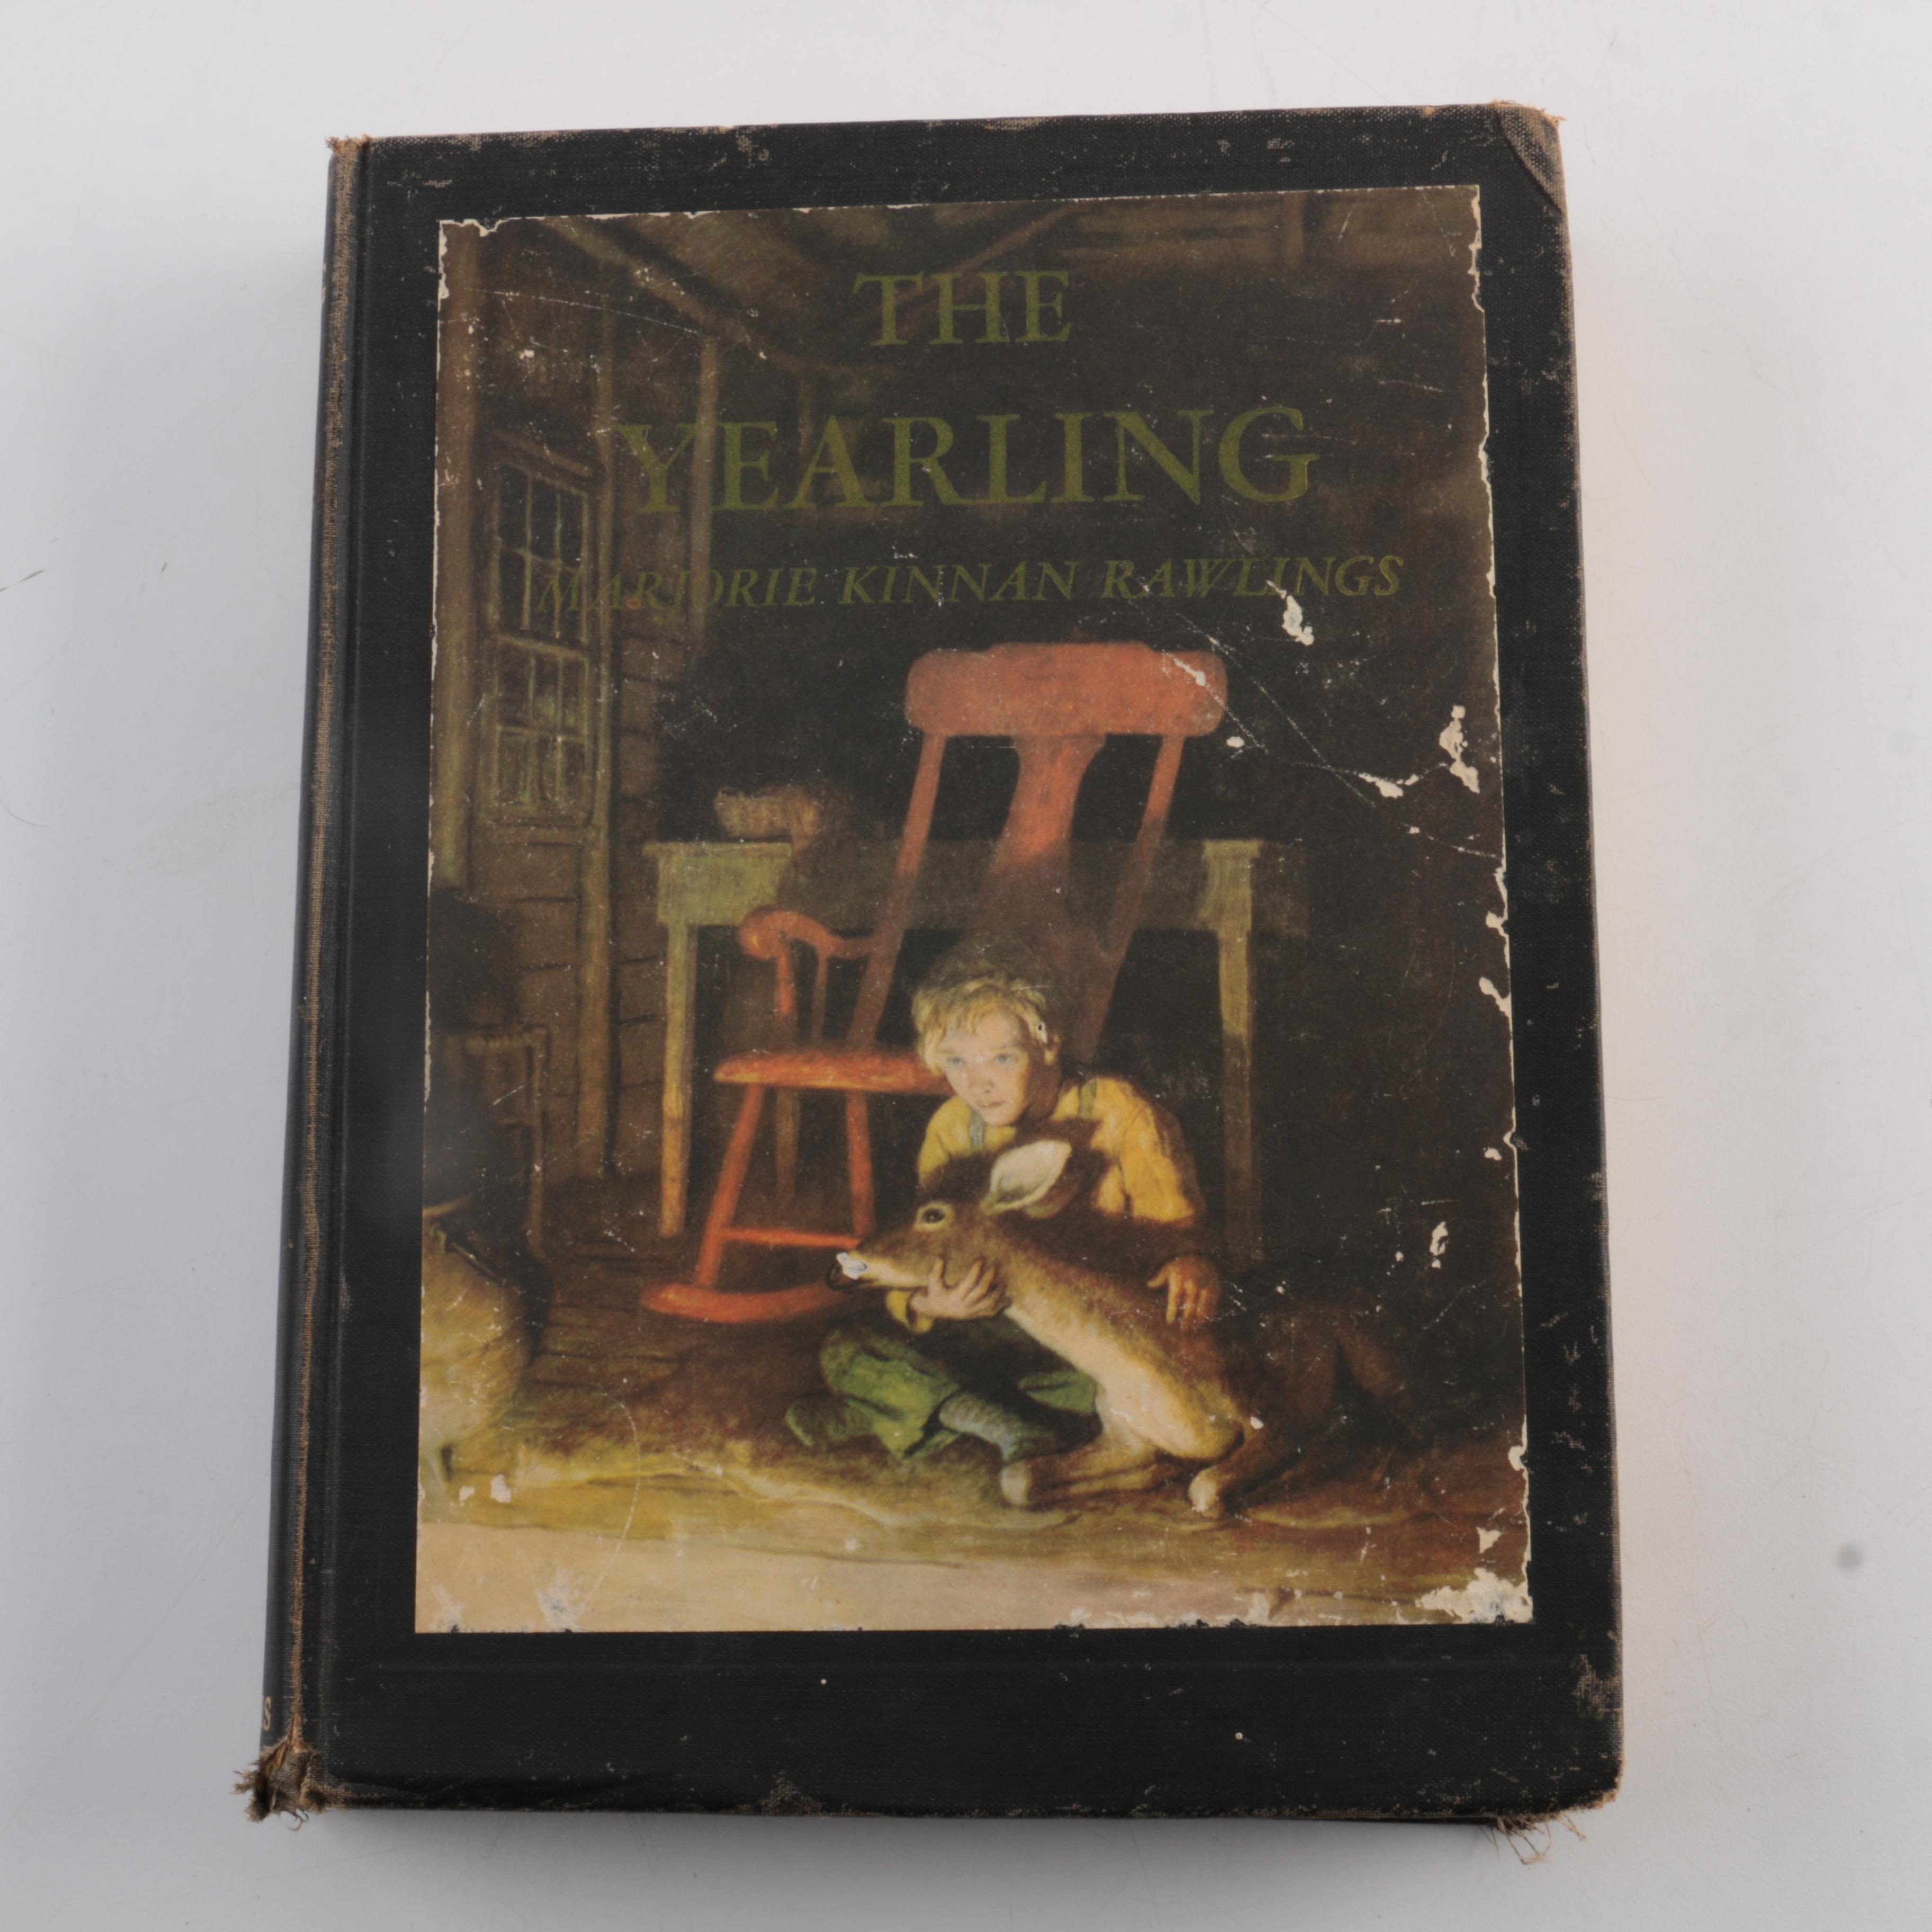 """1946 N. C. Wyeth Illustrated """"The Yearling"""" by Marjorie Kinnan Rawlings"""